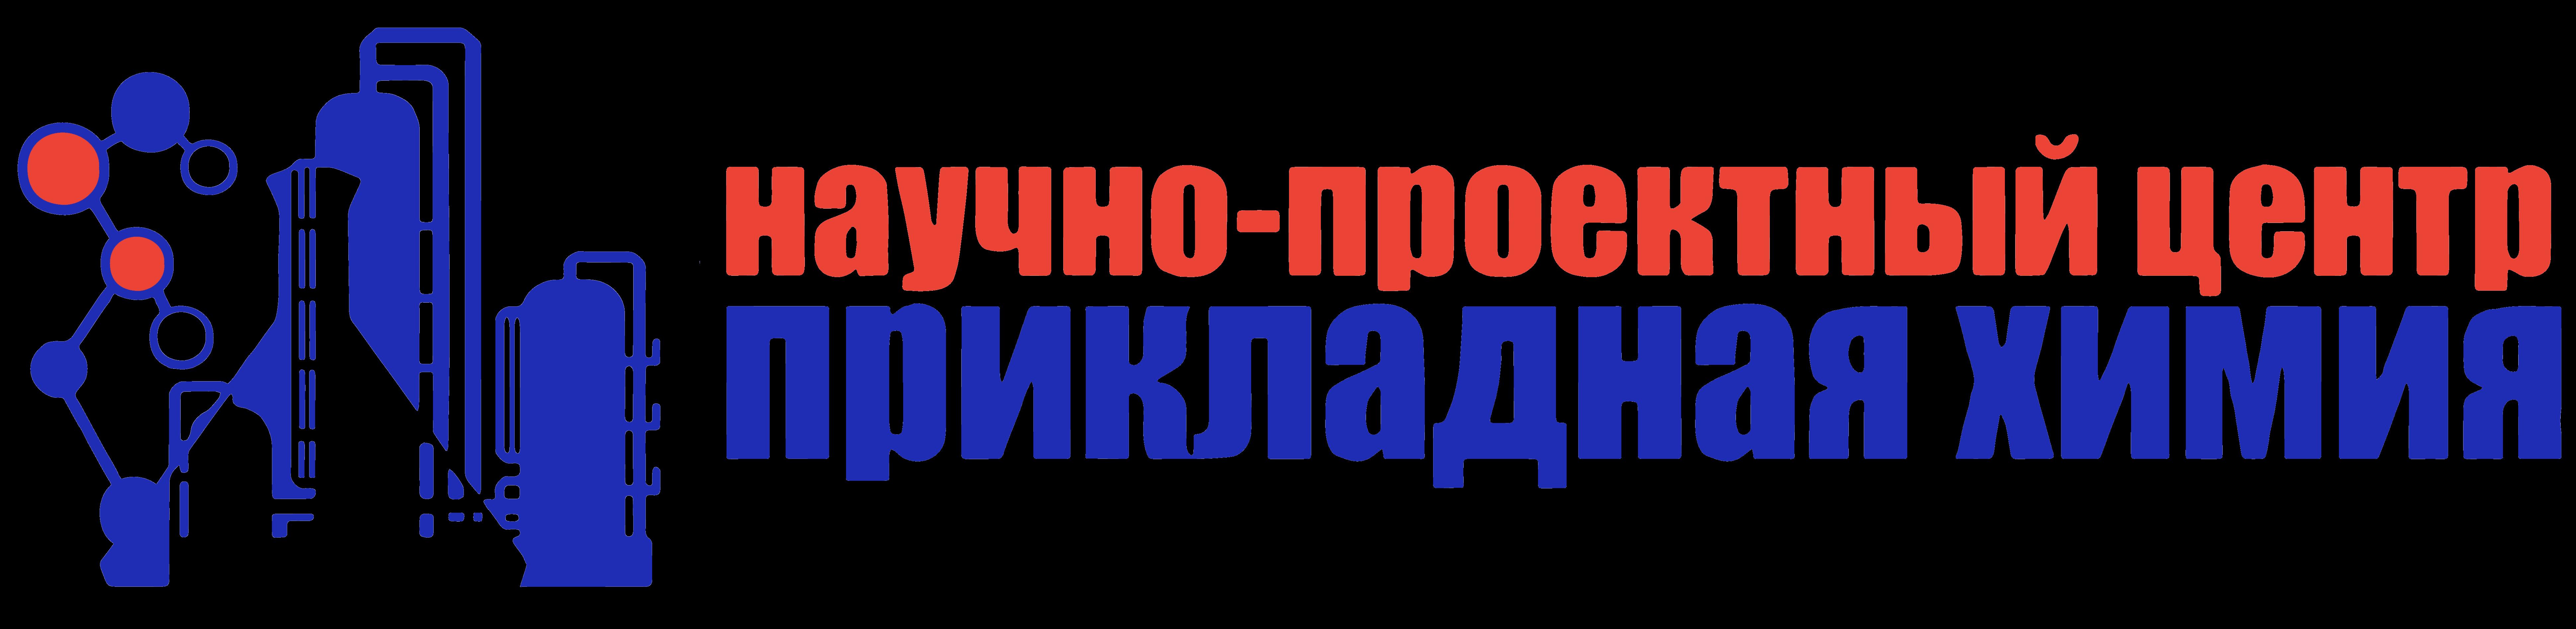 ООО «НАУЧНО-ПРОЕКТНЫЙ ЦЕНТР «ПРИКЛАДНАЯ ХИМИЯ»